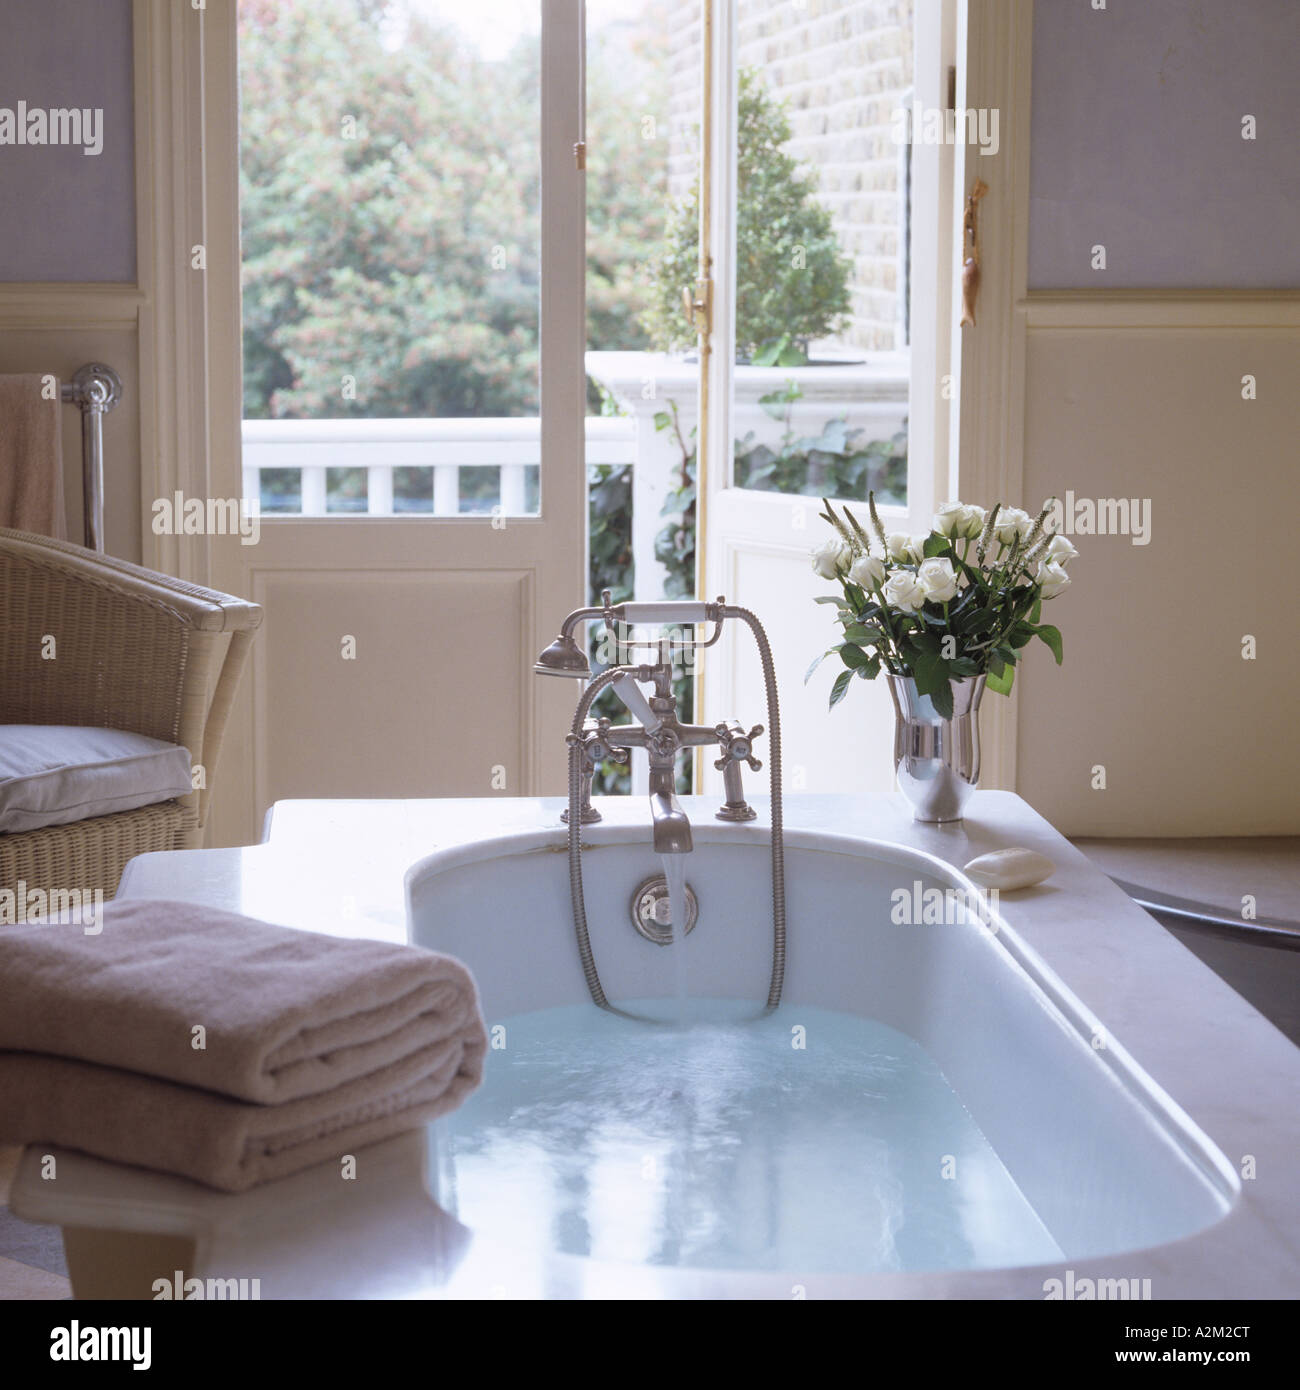 Laufen Badewanne Im Badezimmer Mit Flügeltüren Und Balkon